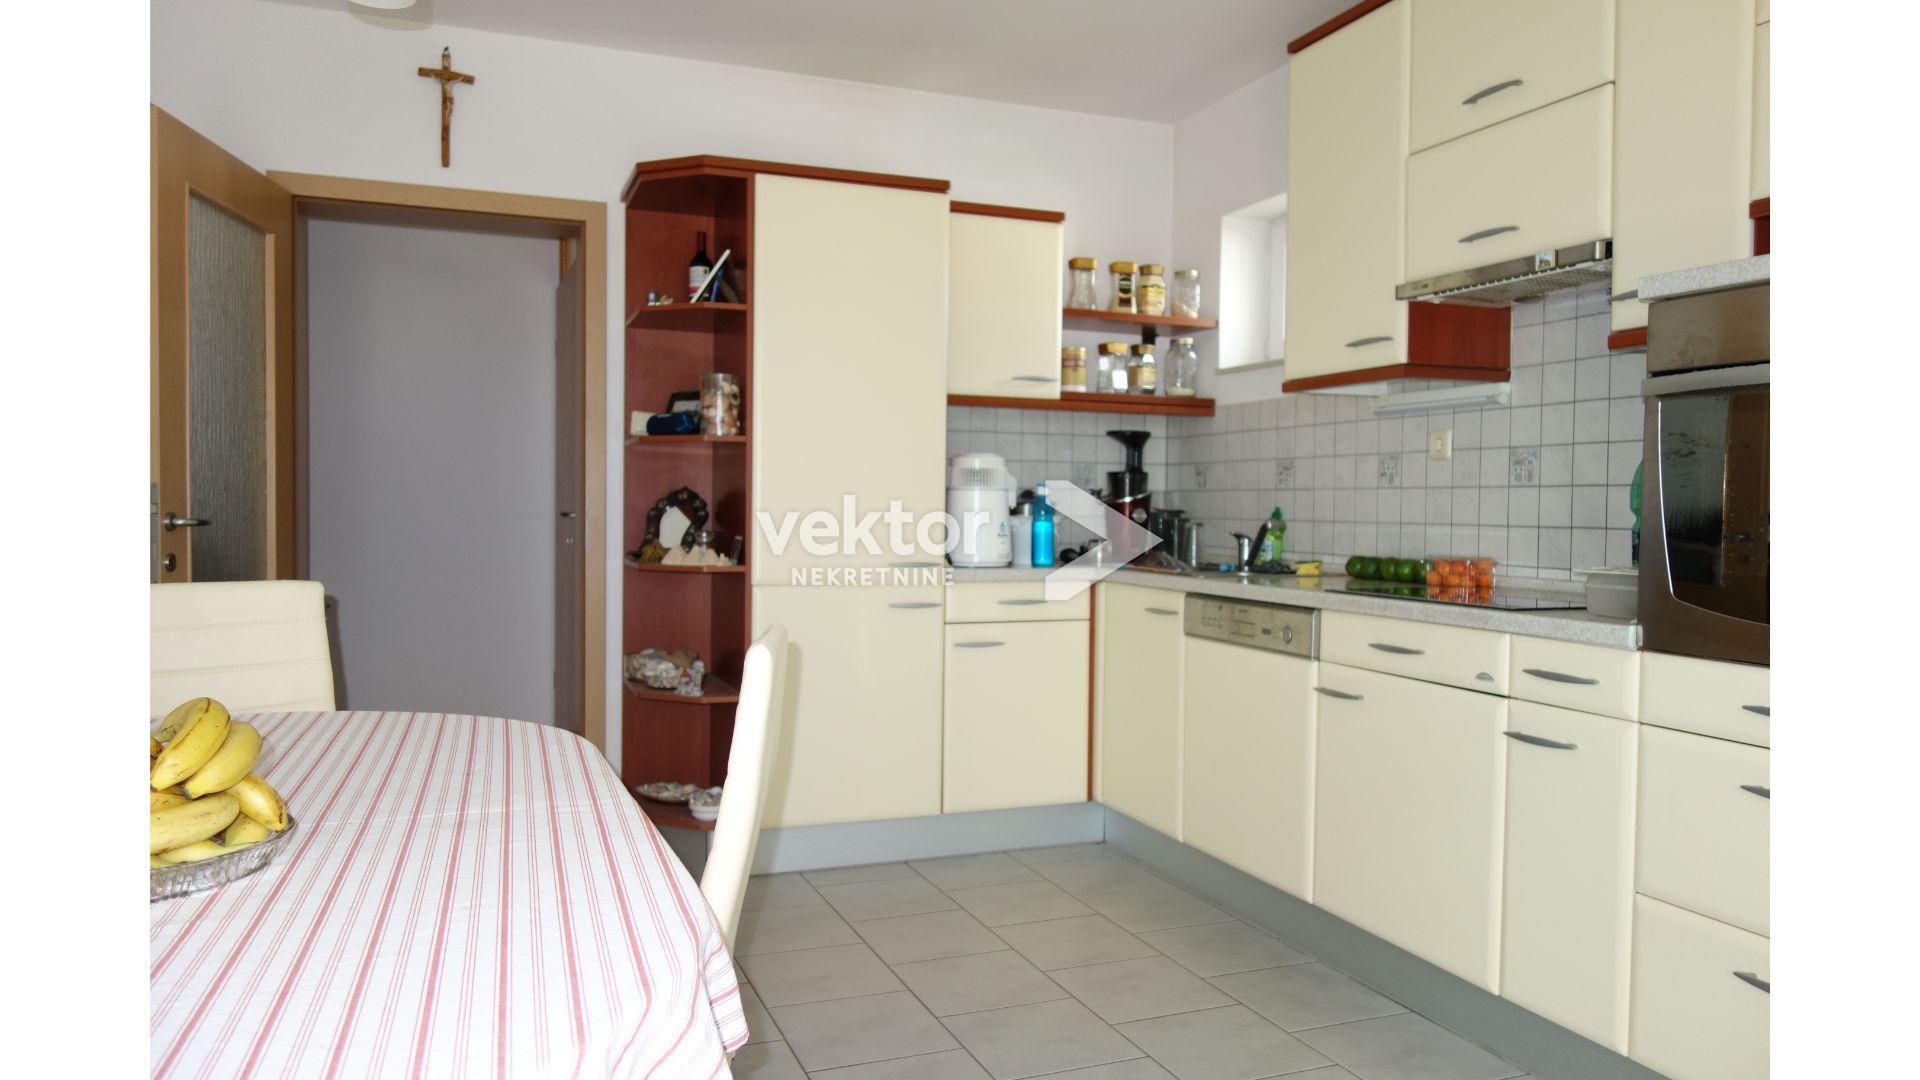 Srdoči, samostojeća kuća s dva stana